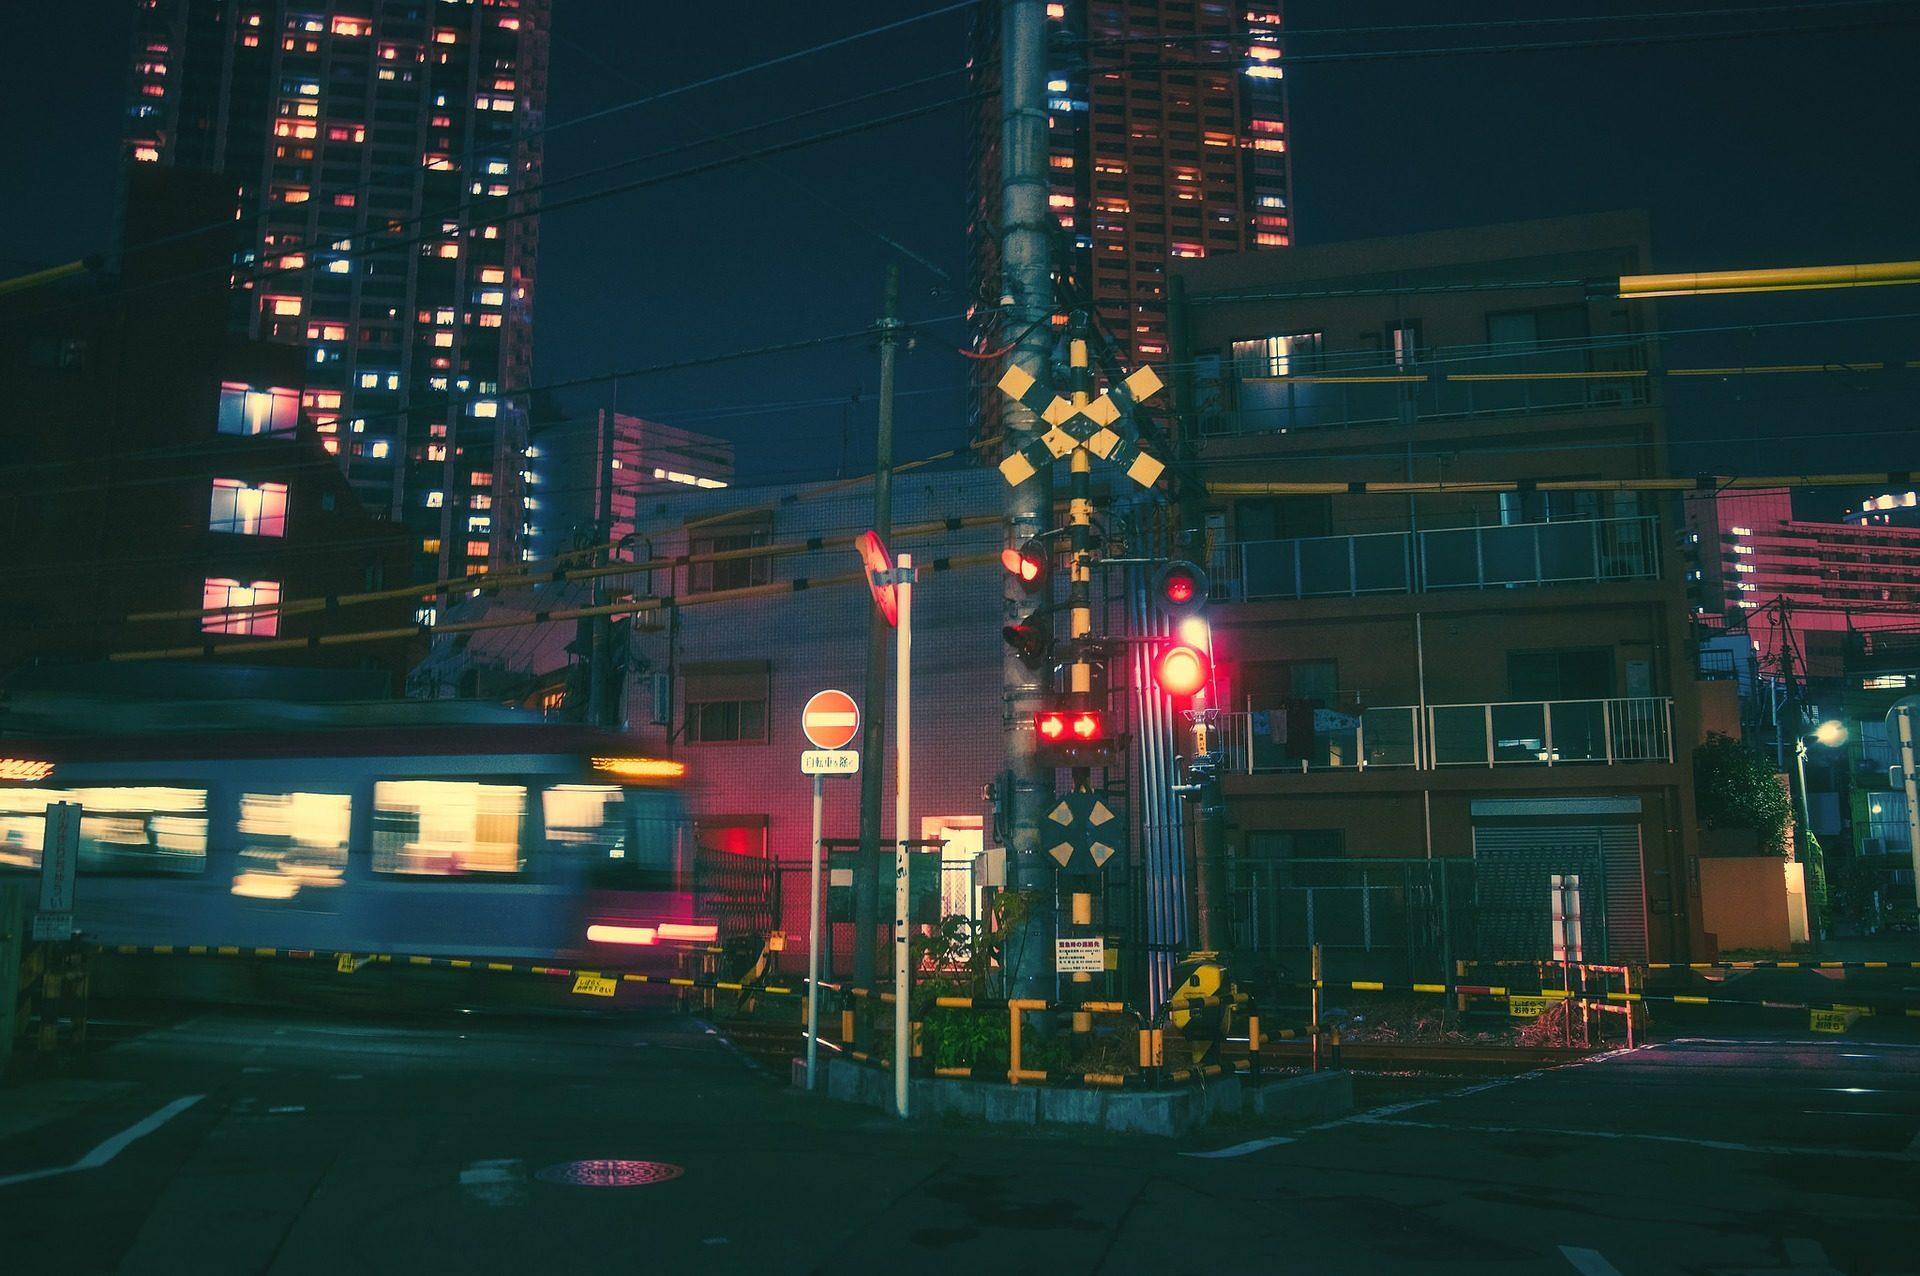 à noite, Cidade, luzes, sinais, Casa, edifícios, Osaka, Japão - Papéis de parede HD - Professor-falken.com